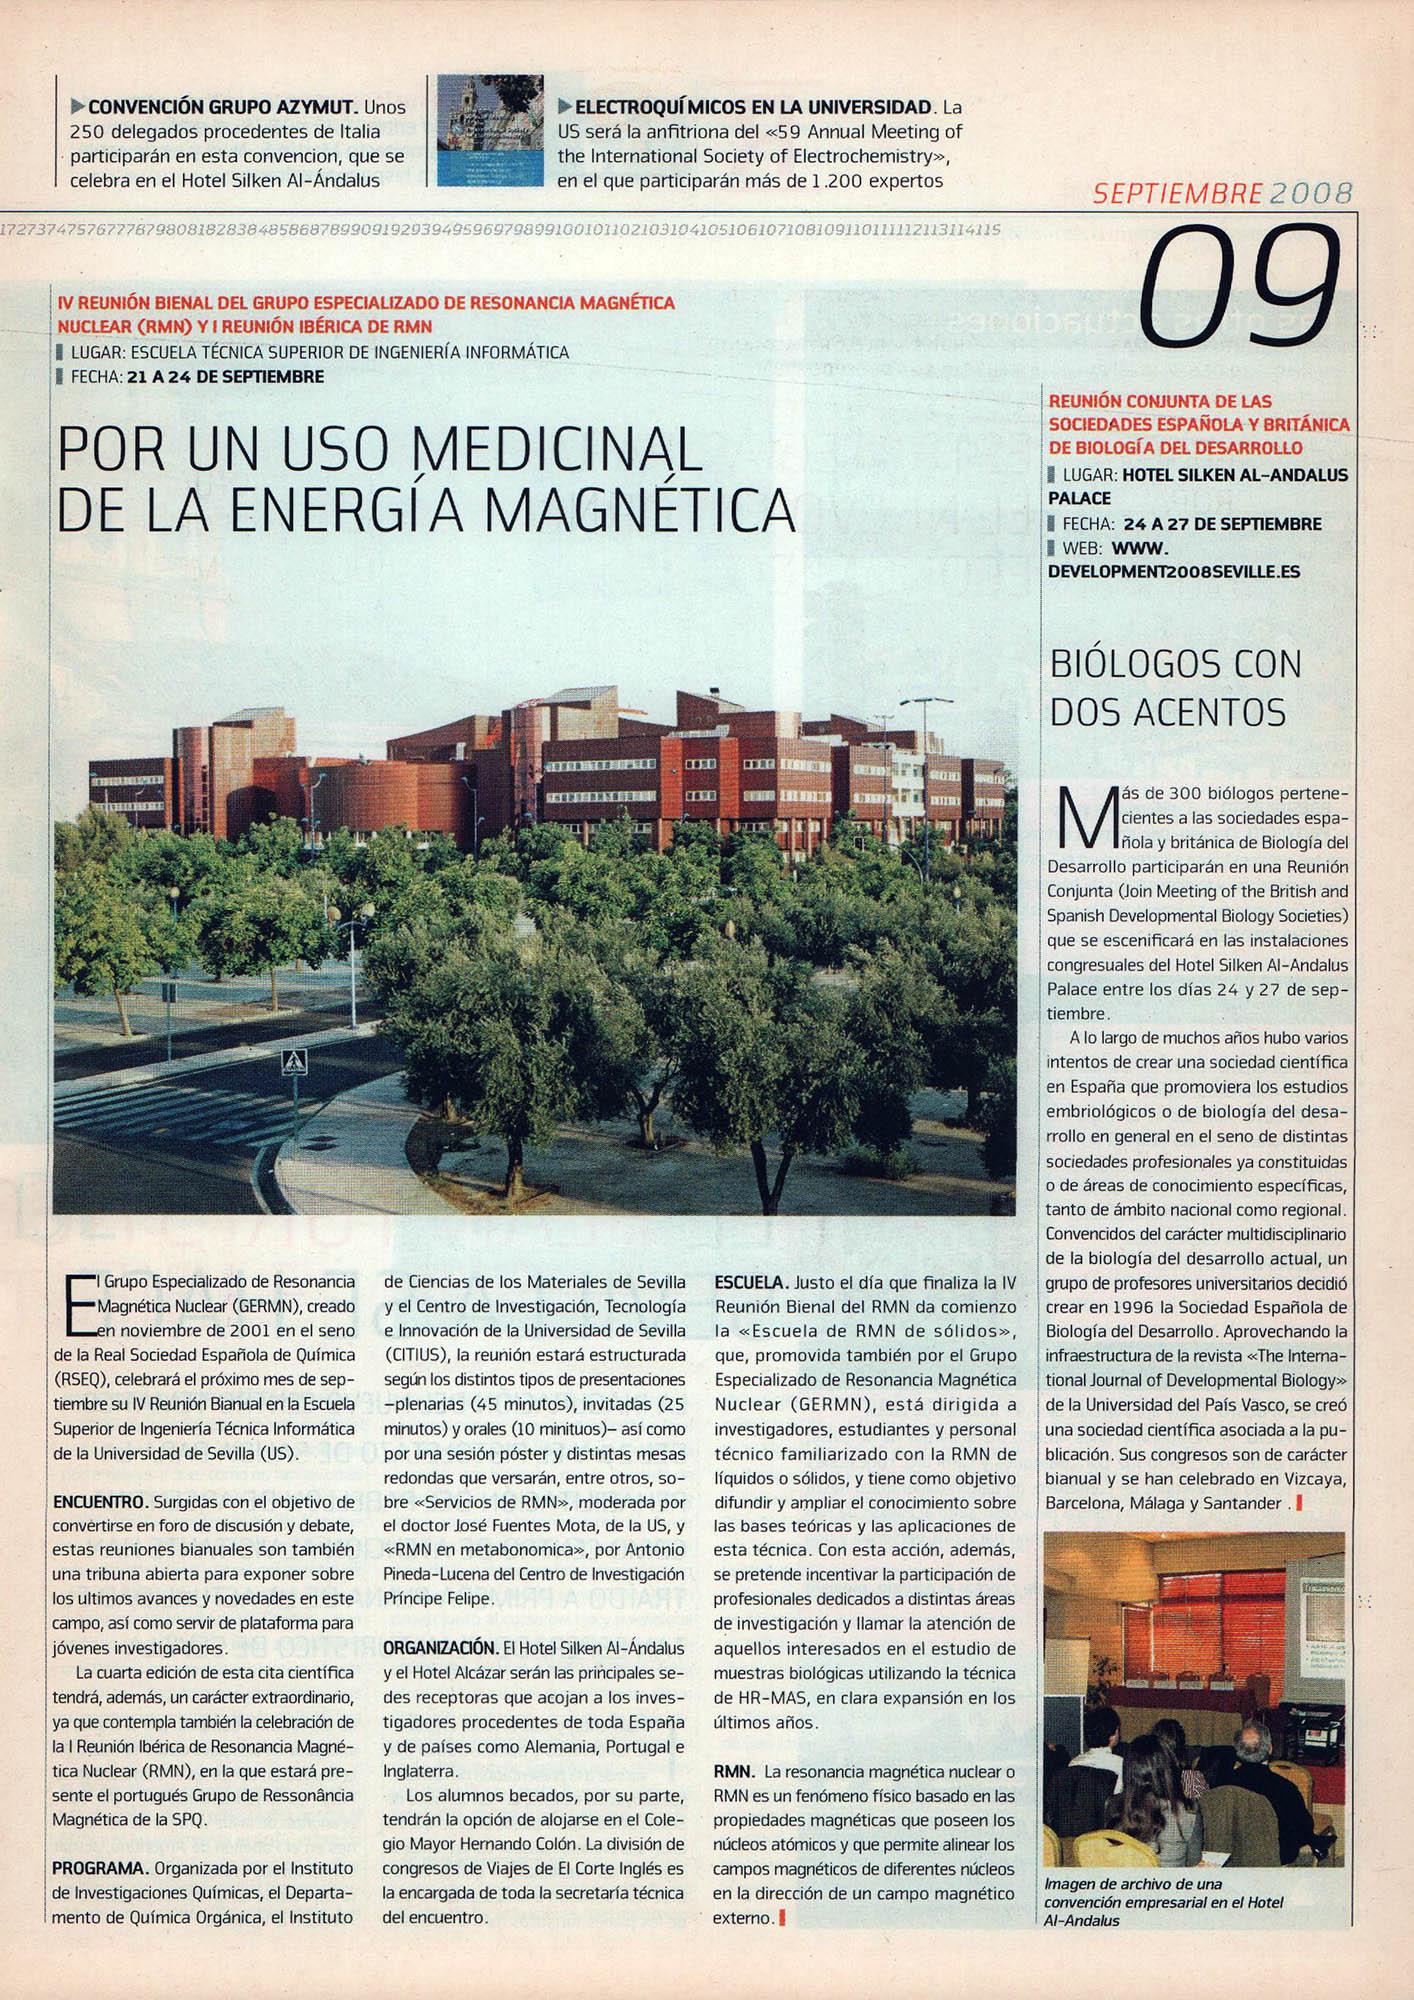 Por un uso medicinal de la energía magnética - Reunión Bienal del Grupo Especializado de Resonancia Magnética Nuclear | Fórum - ABC de Sevilla | sep 2008